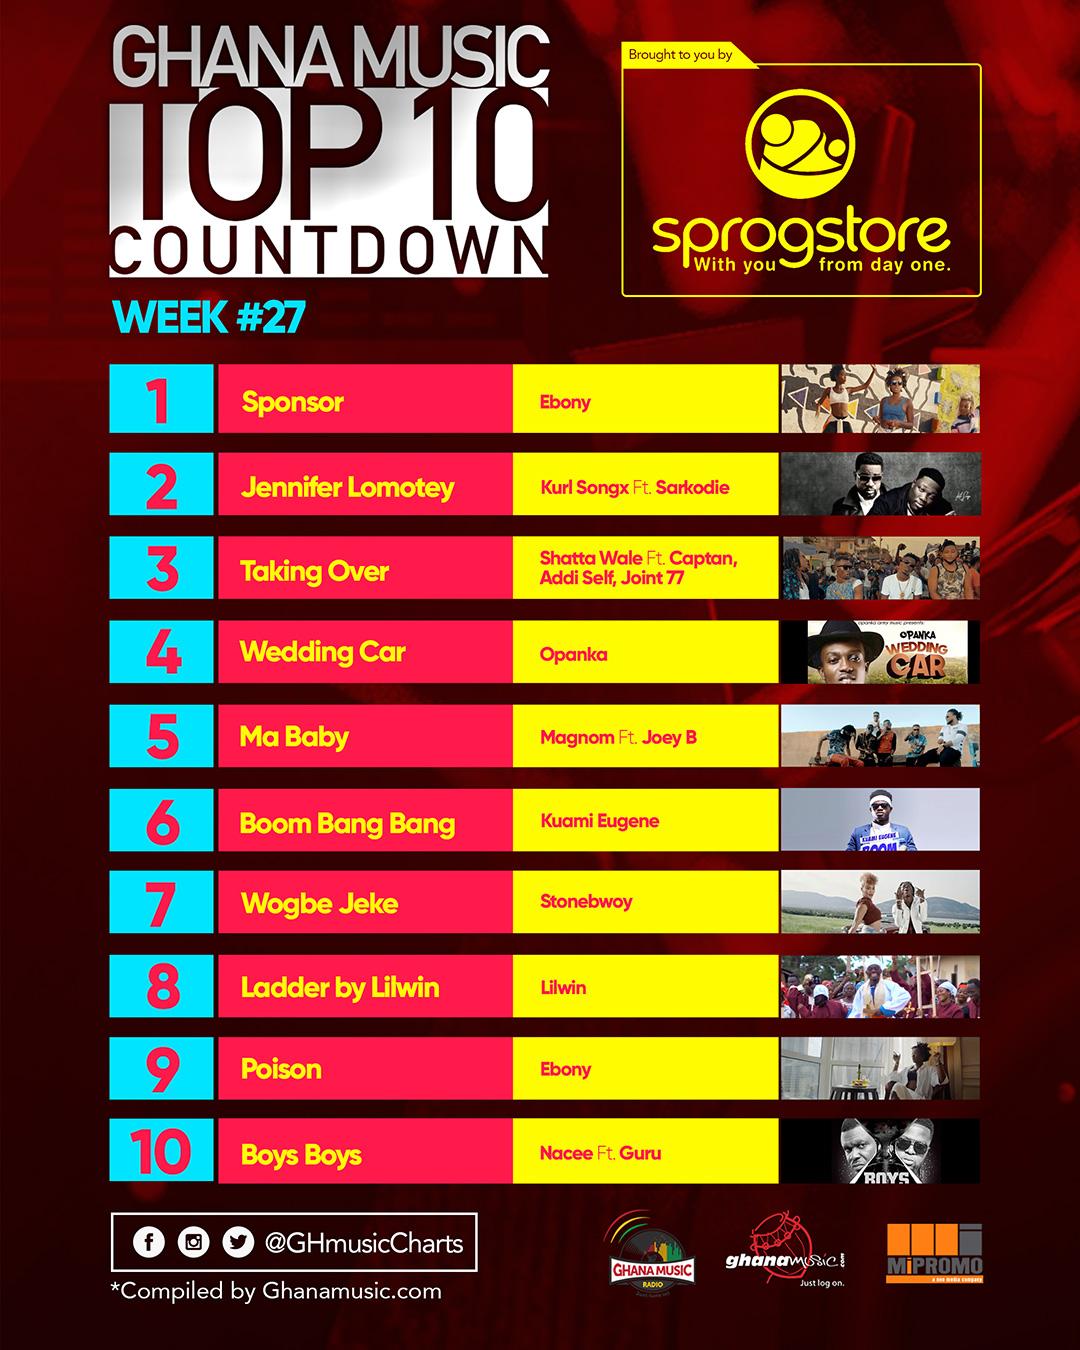 Week #27: Week ending Saturday, July 8th, 2017. Ghana Music Top 10 Countdown.